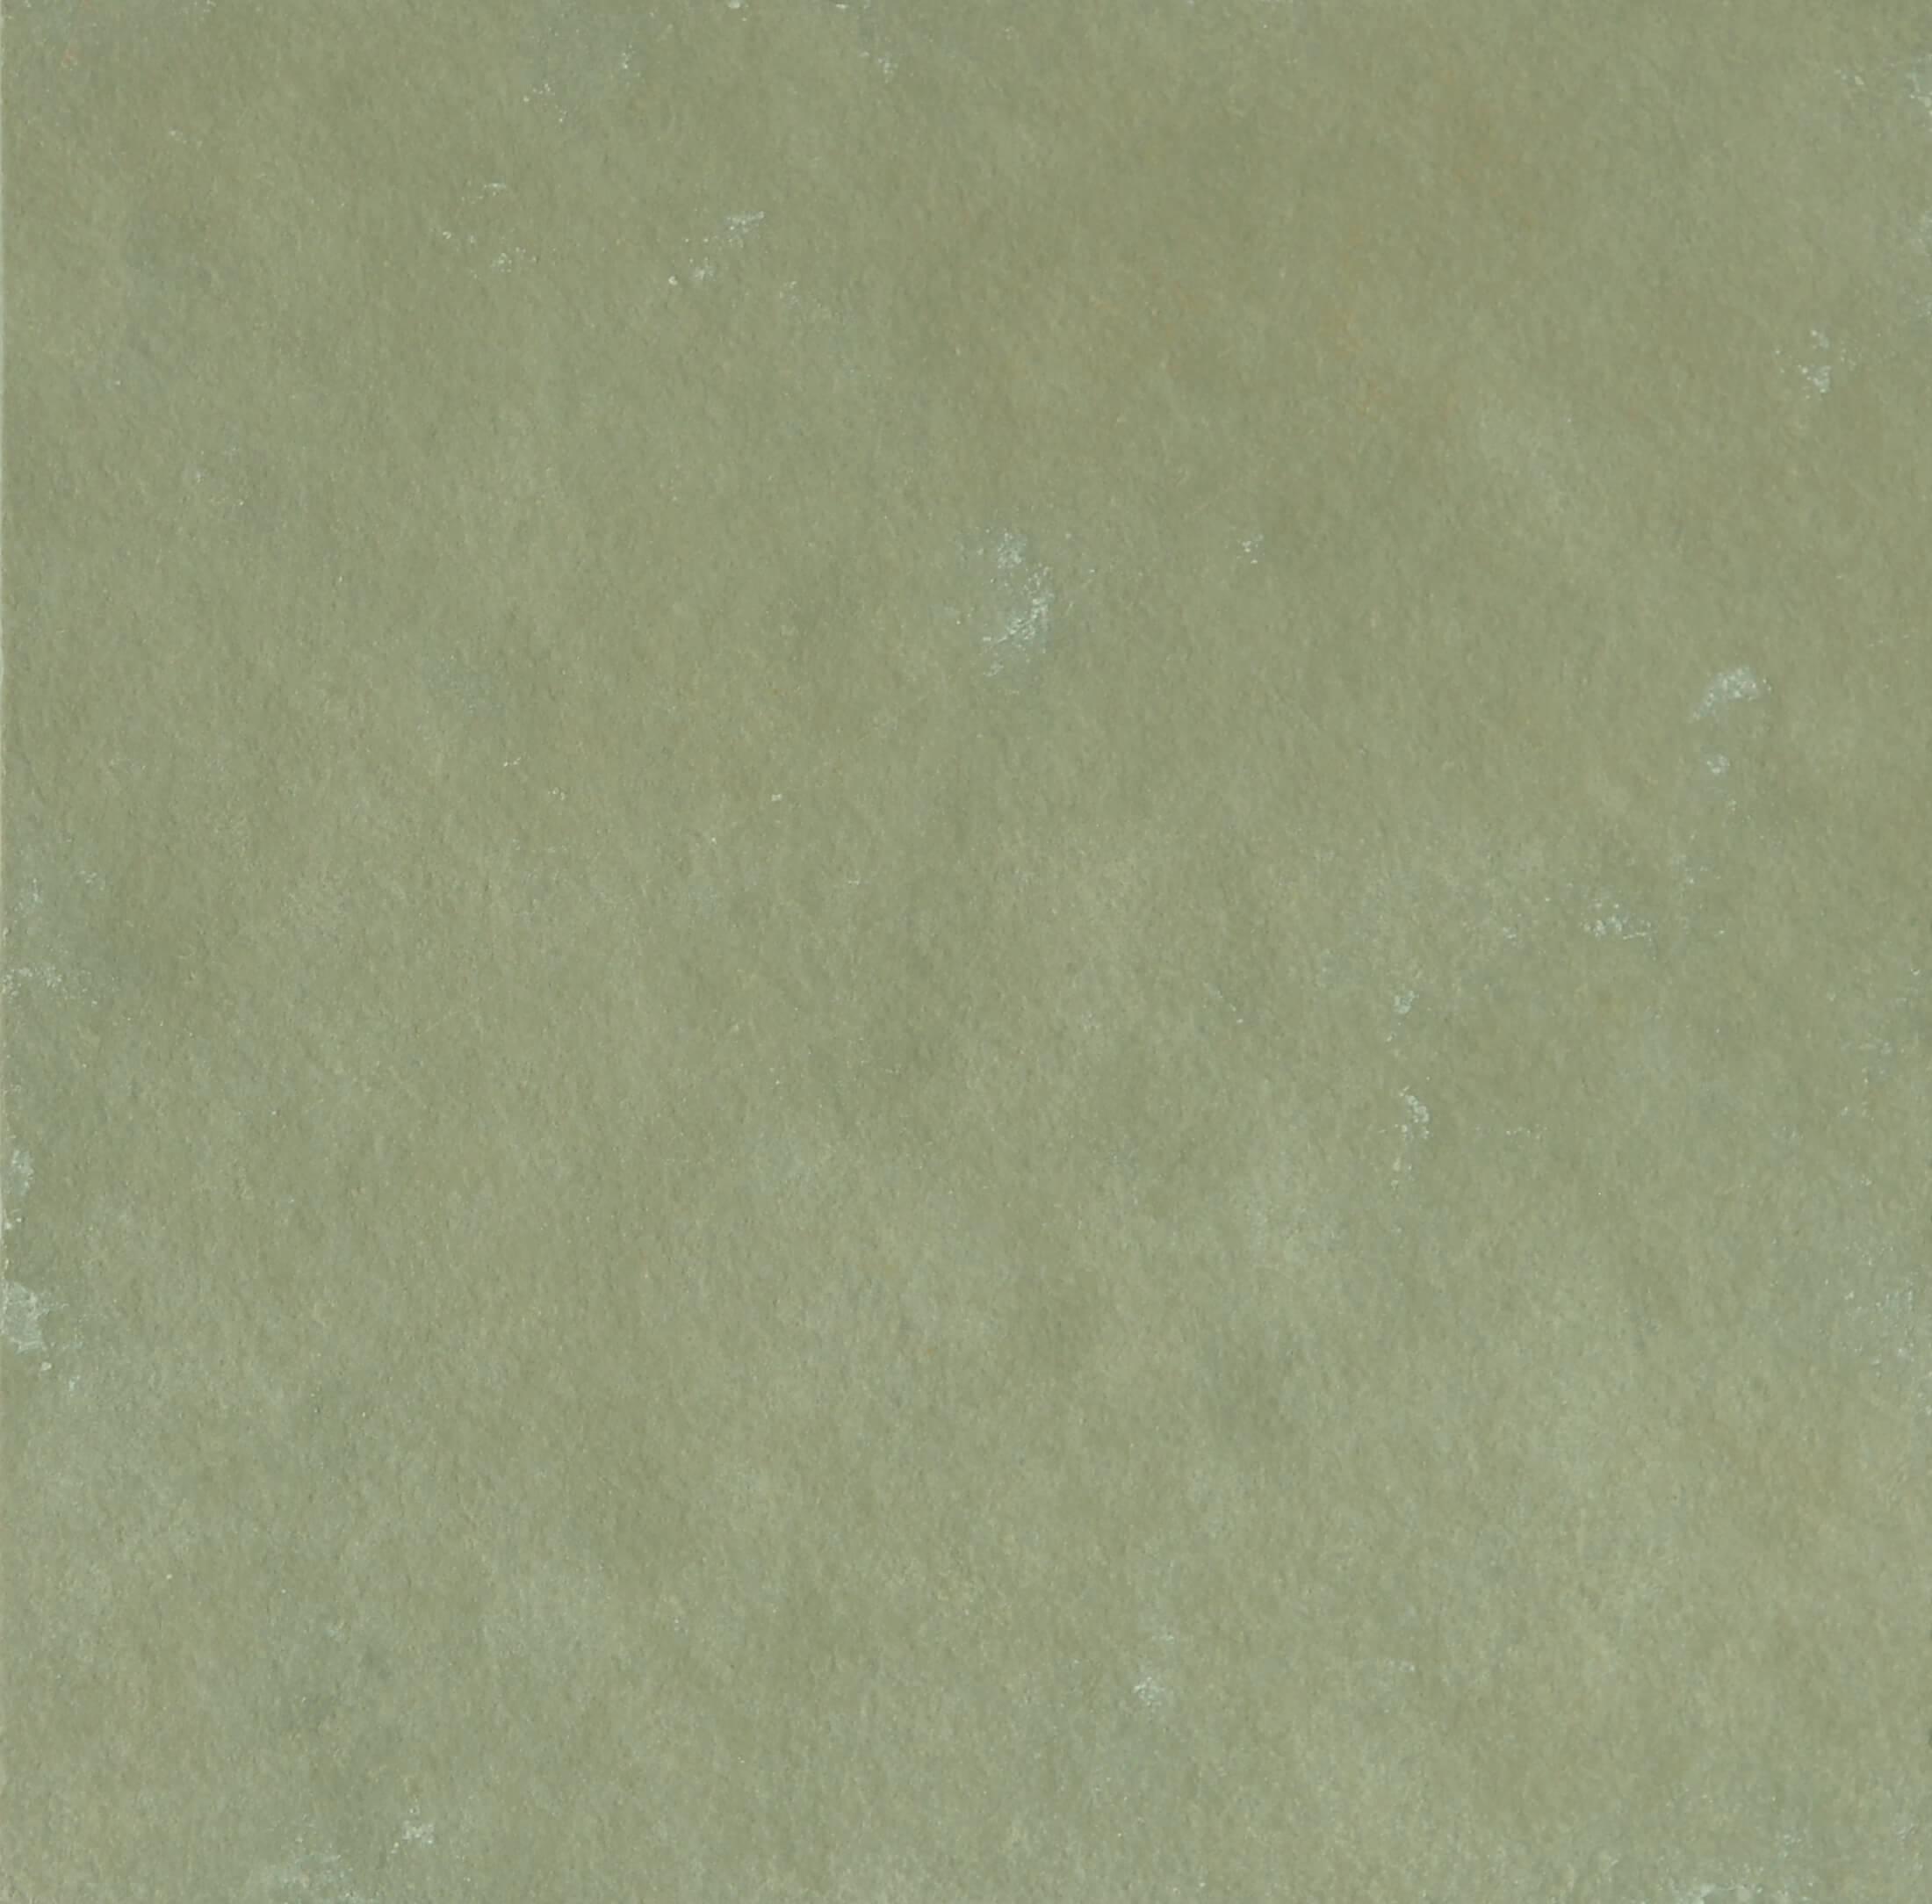 pavimenti-in-calcare-pietra